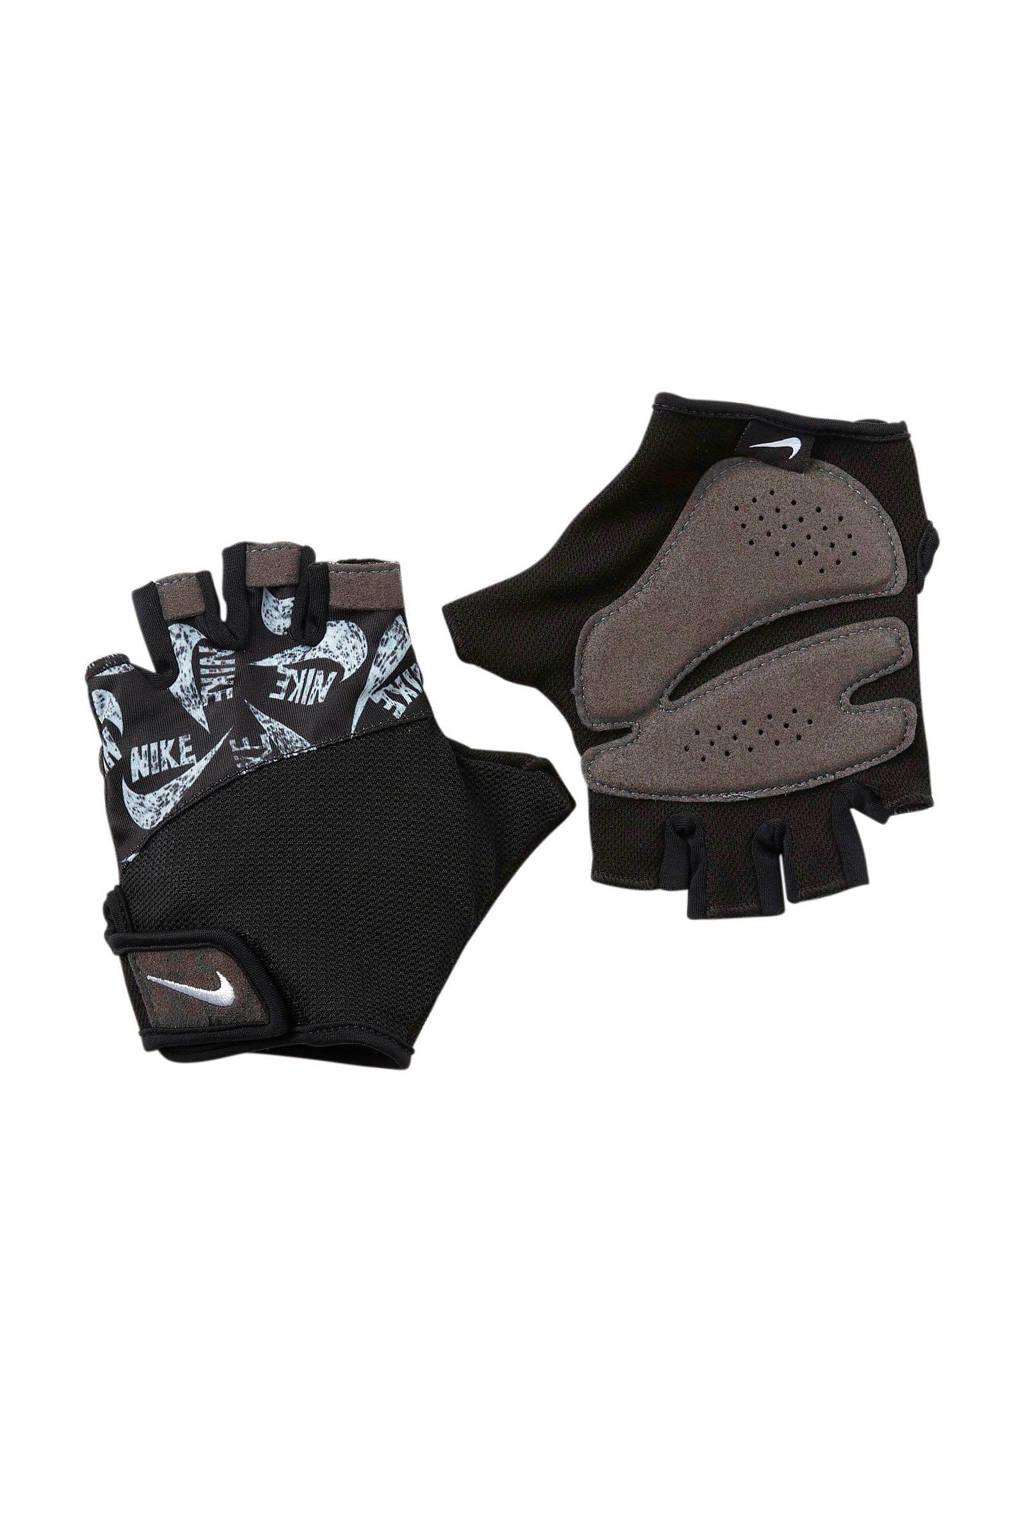 Nike  fitness handschoenen mt M zwart